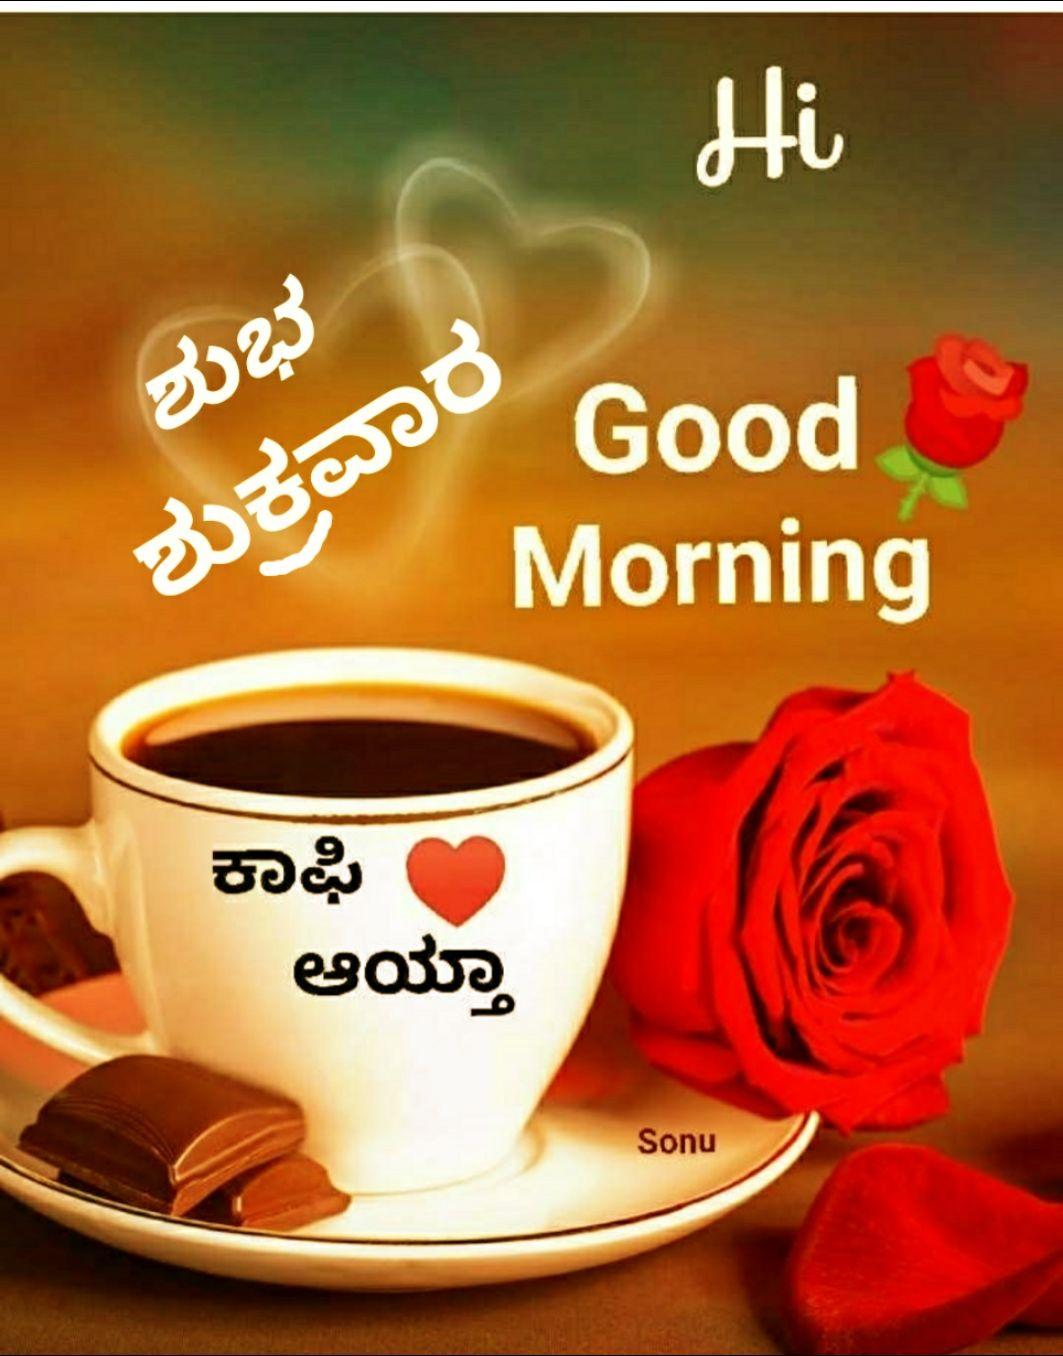 🎁ವಾರ್ಷಿಕೋತ್ಸವ - Hi ಶುಭ ಶುಕ್ರವಾರ Good Morning ಕಾಫಿ ಆಯಾ Sonu - ShareChat